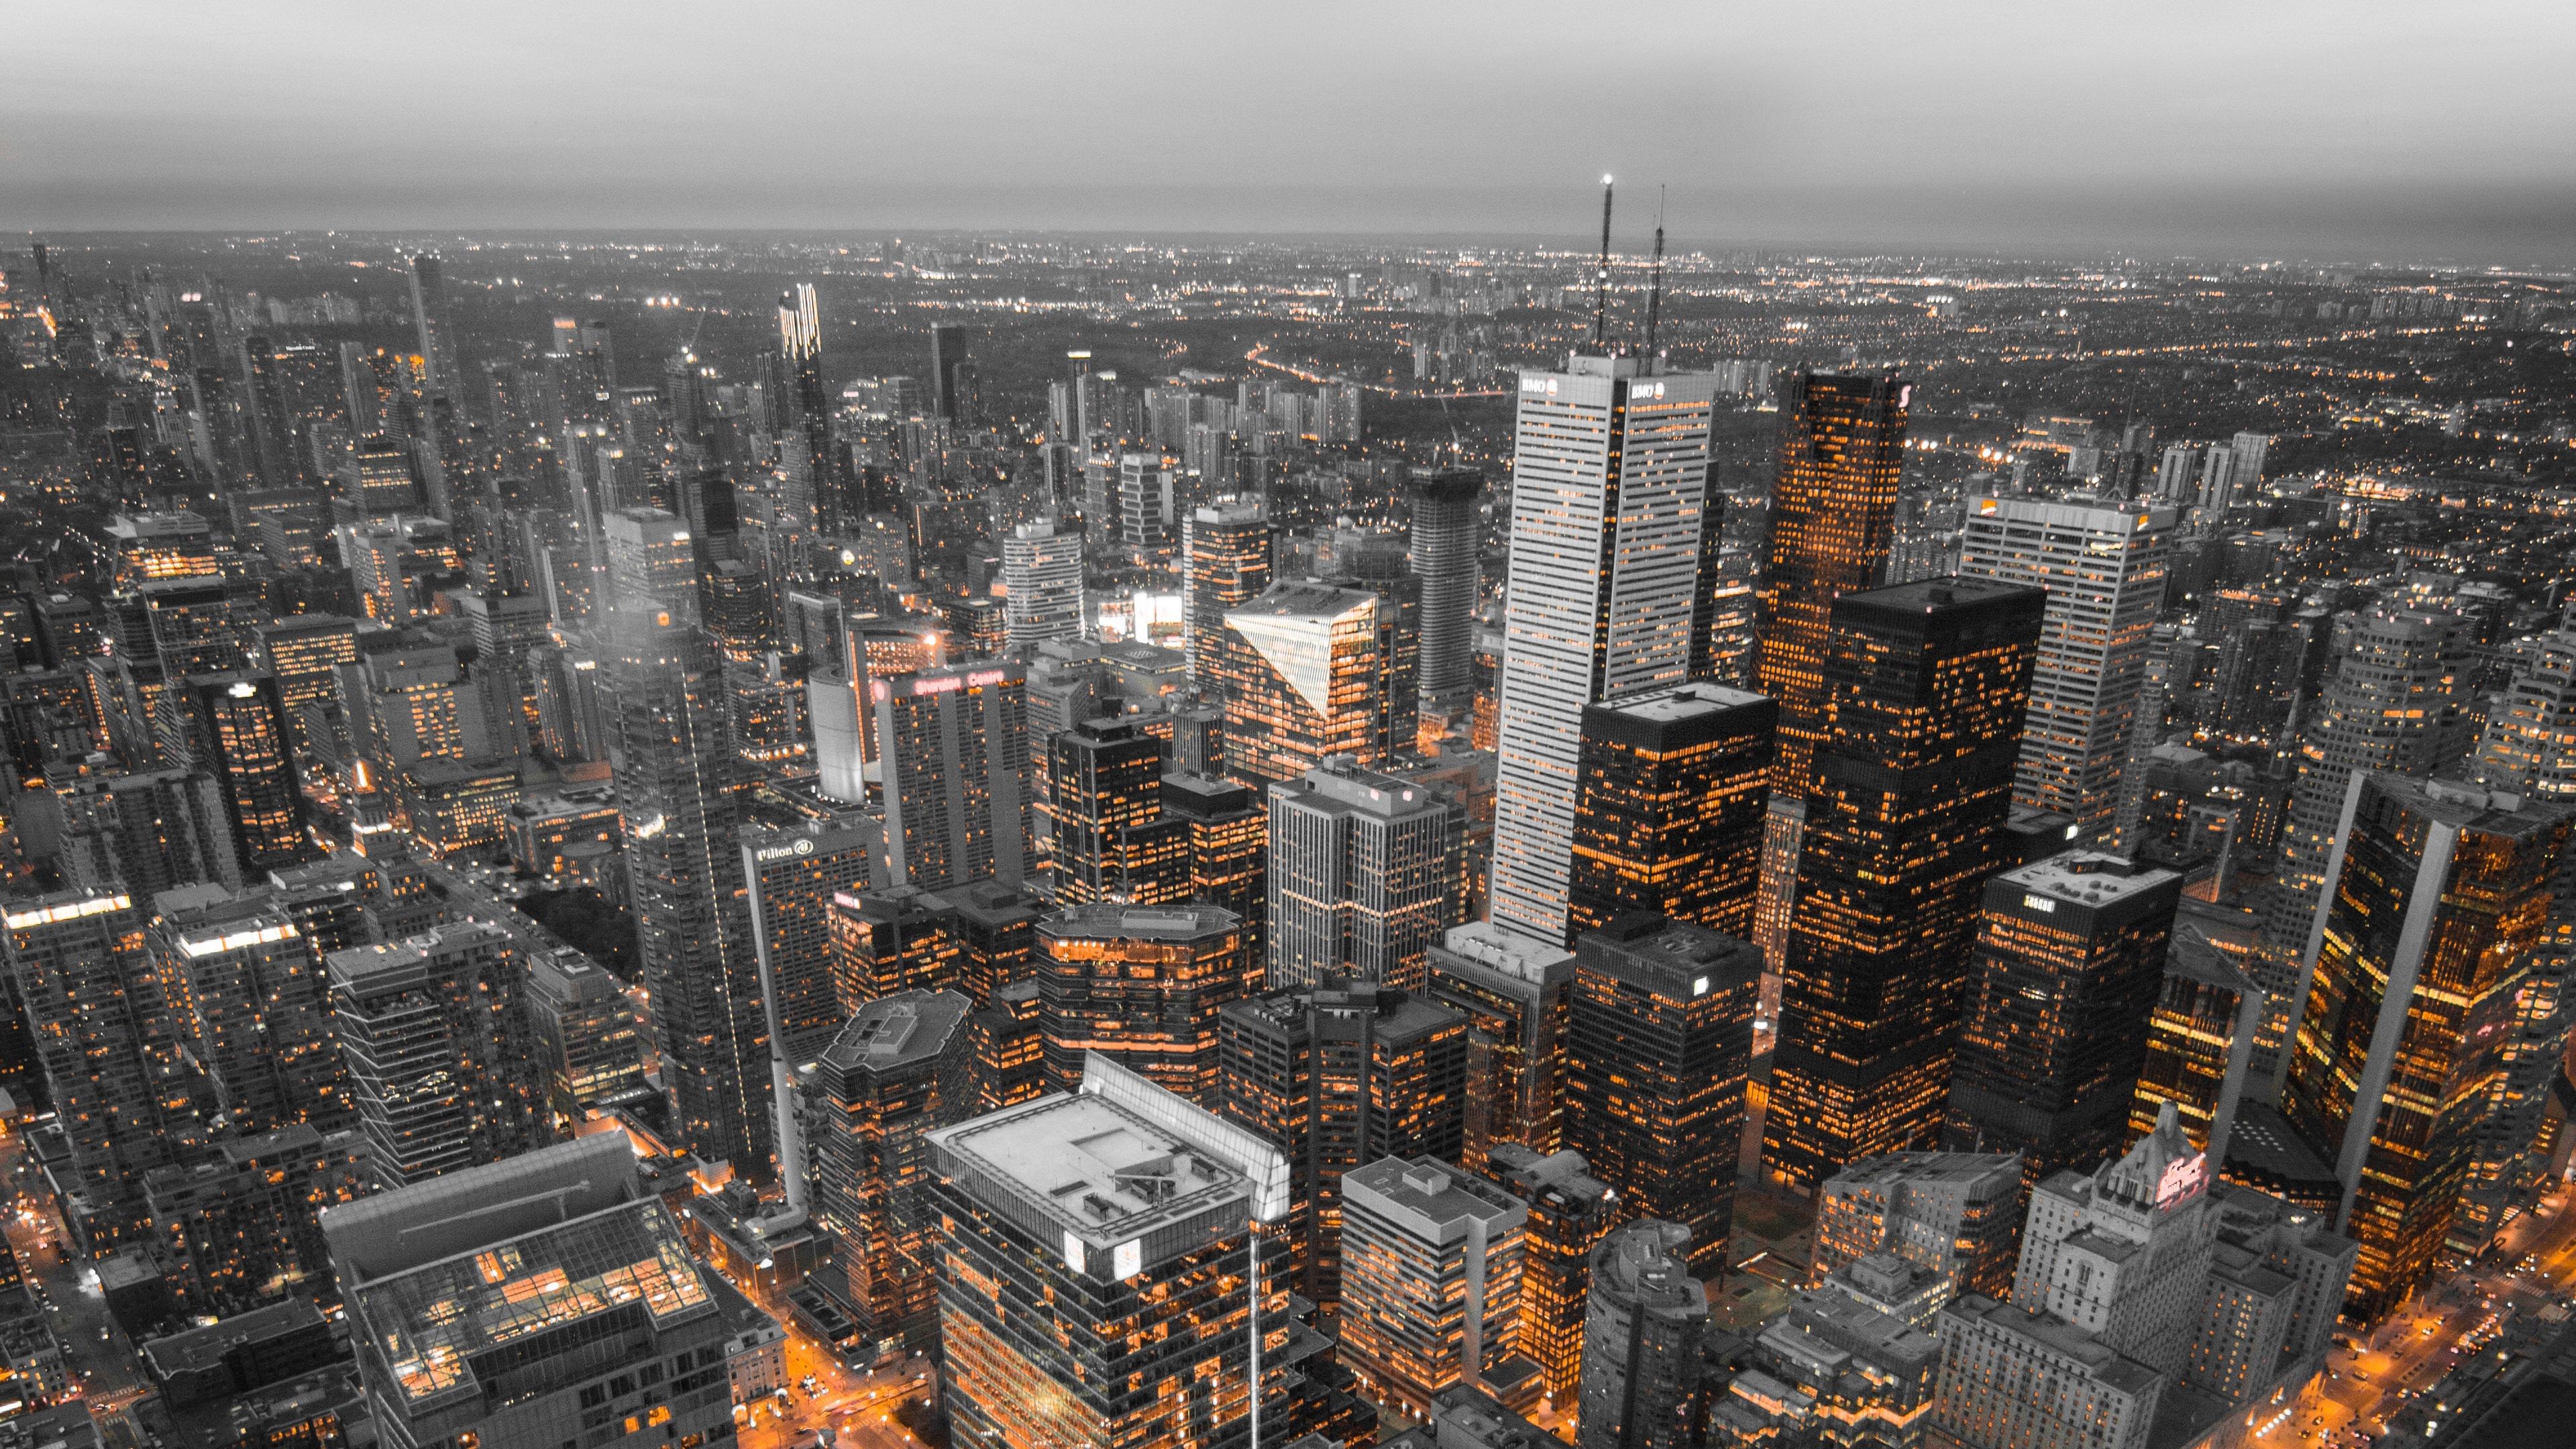 skyscrapers top view metropolis toronto canada 4k 1538066675 - skyscrapers, top view, metropolis, toronto, canada 4k - top view, Skyscrapers, metropolis